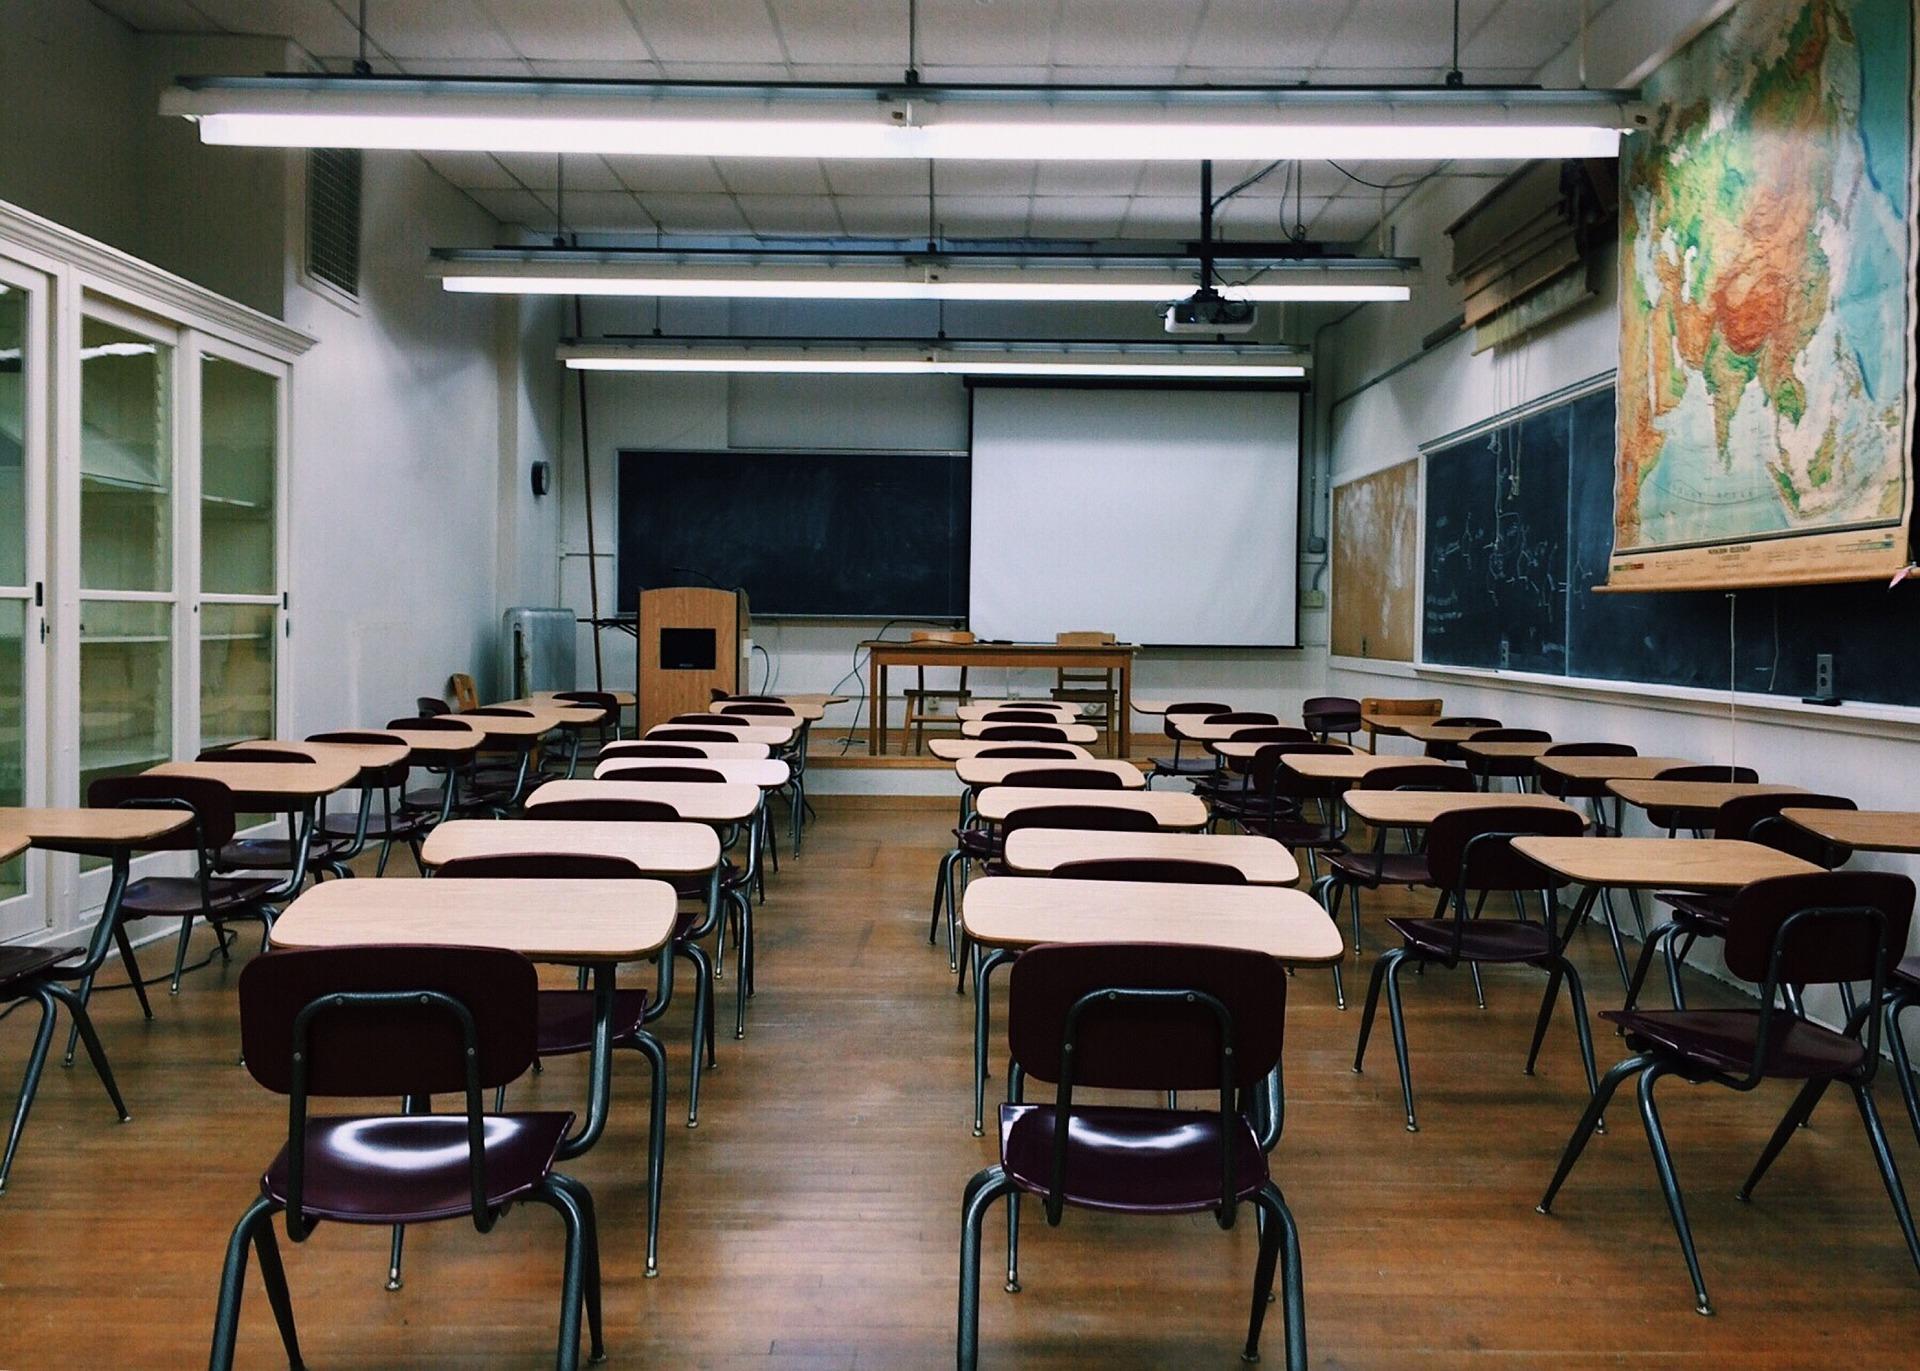 Pierwszy Dzień w szkole i związany z tym stres! – Mirosława Kątna